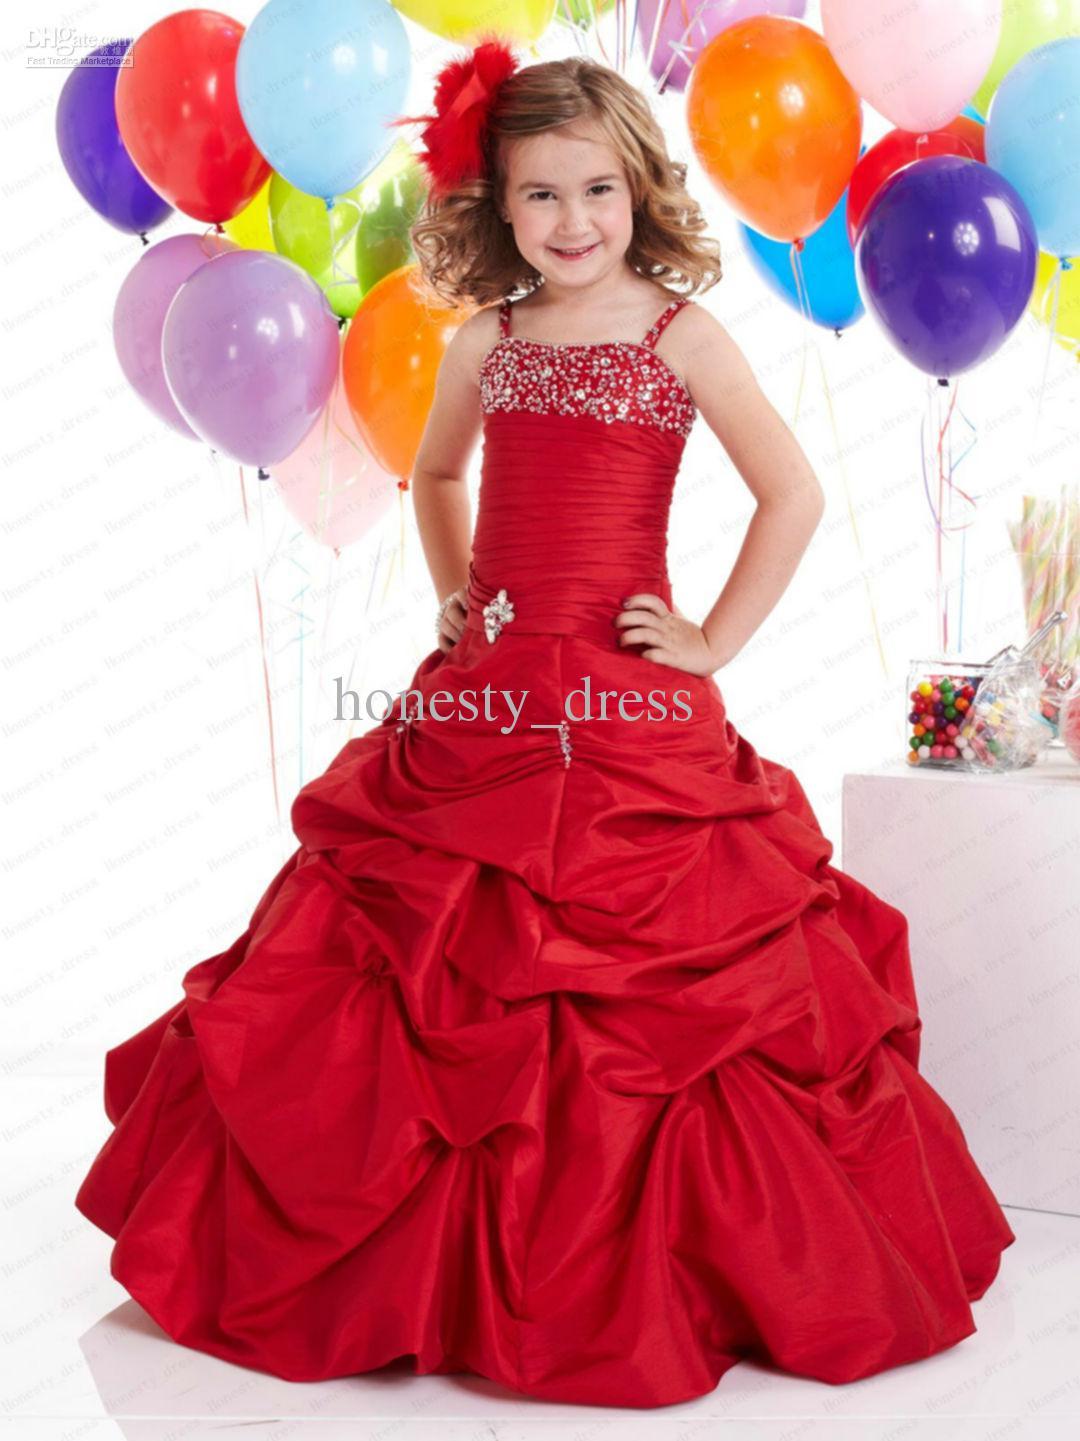 Ivory Taffeta Flower Girl Dress